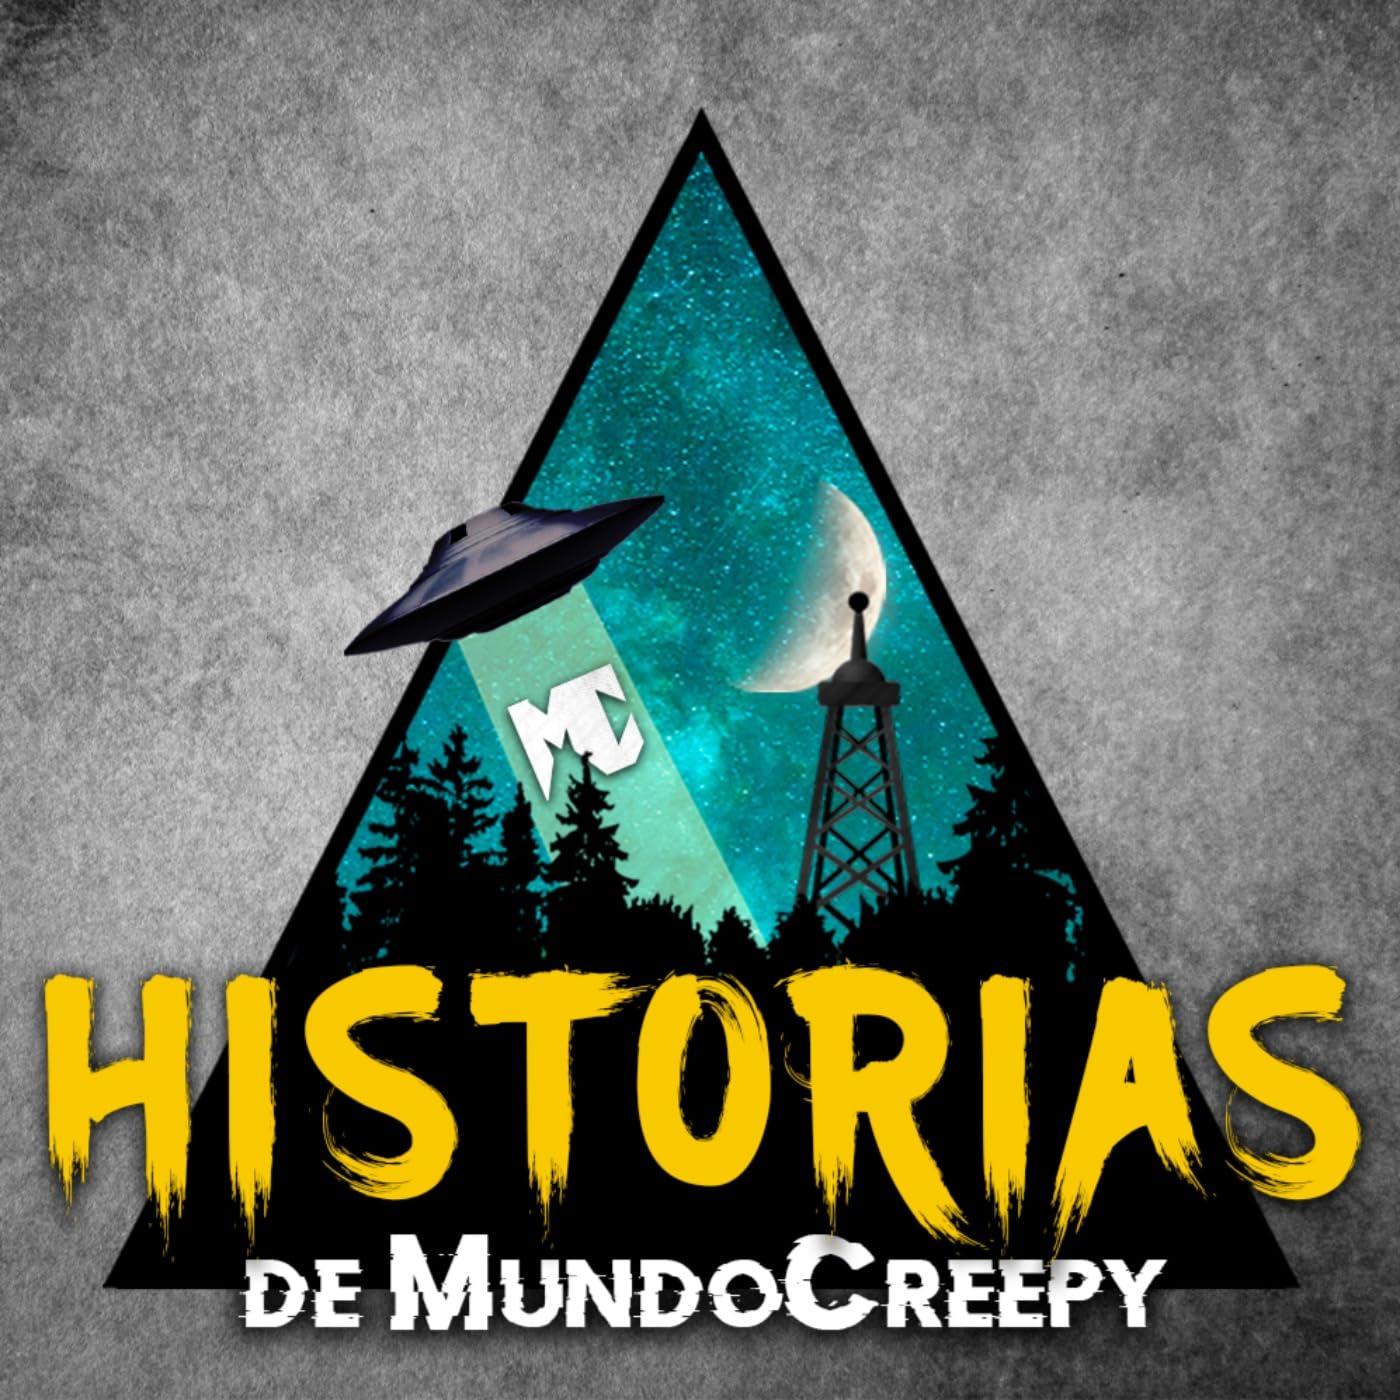 Historias de MundoCreepy